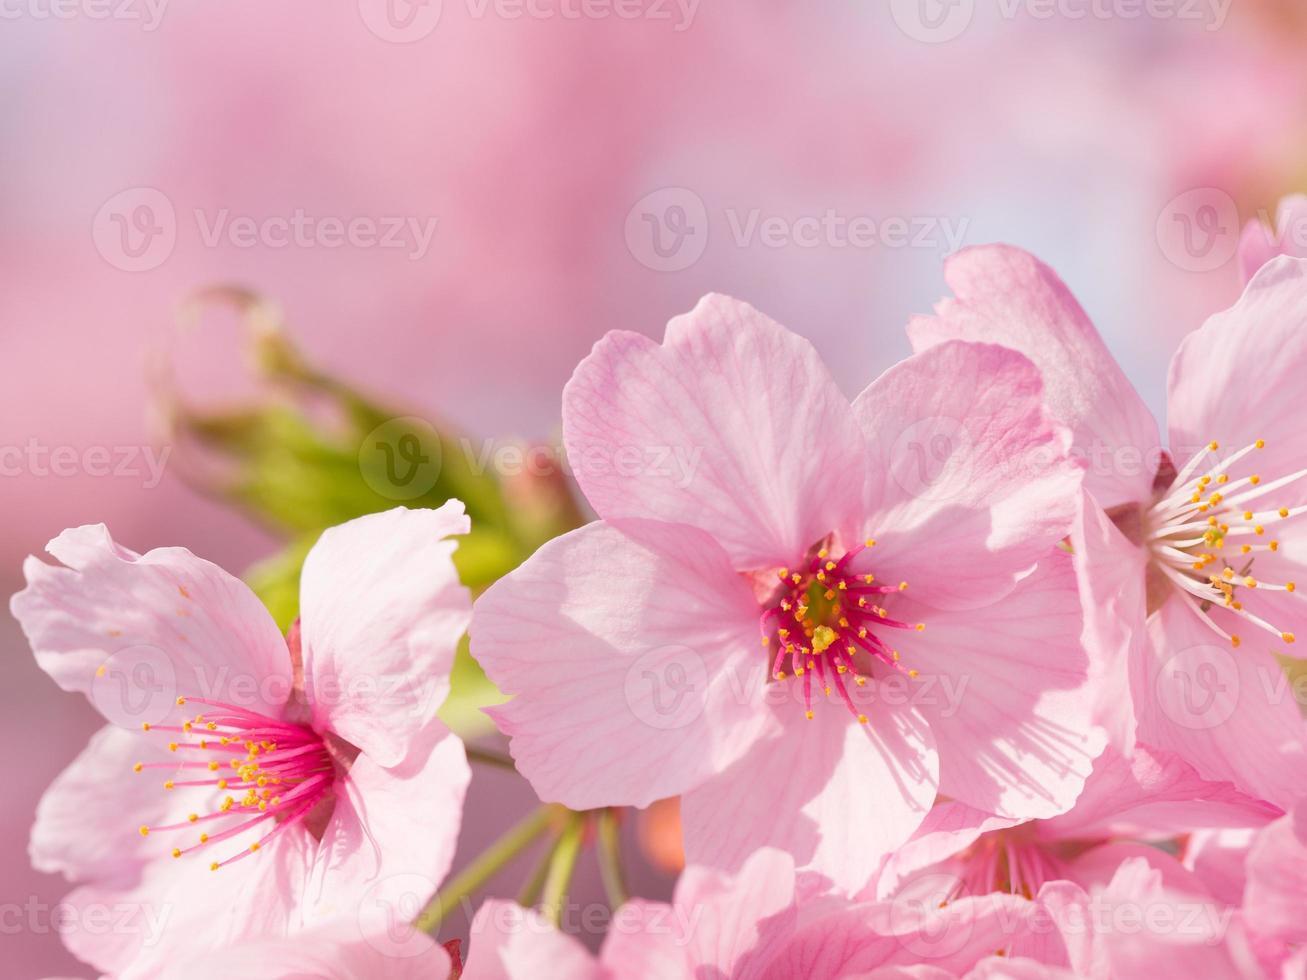 fleur de cerisier rose brillant photo